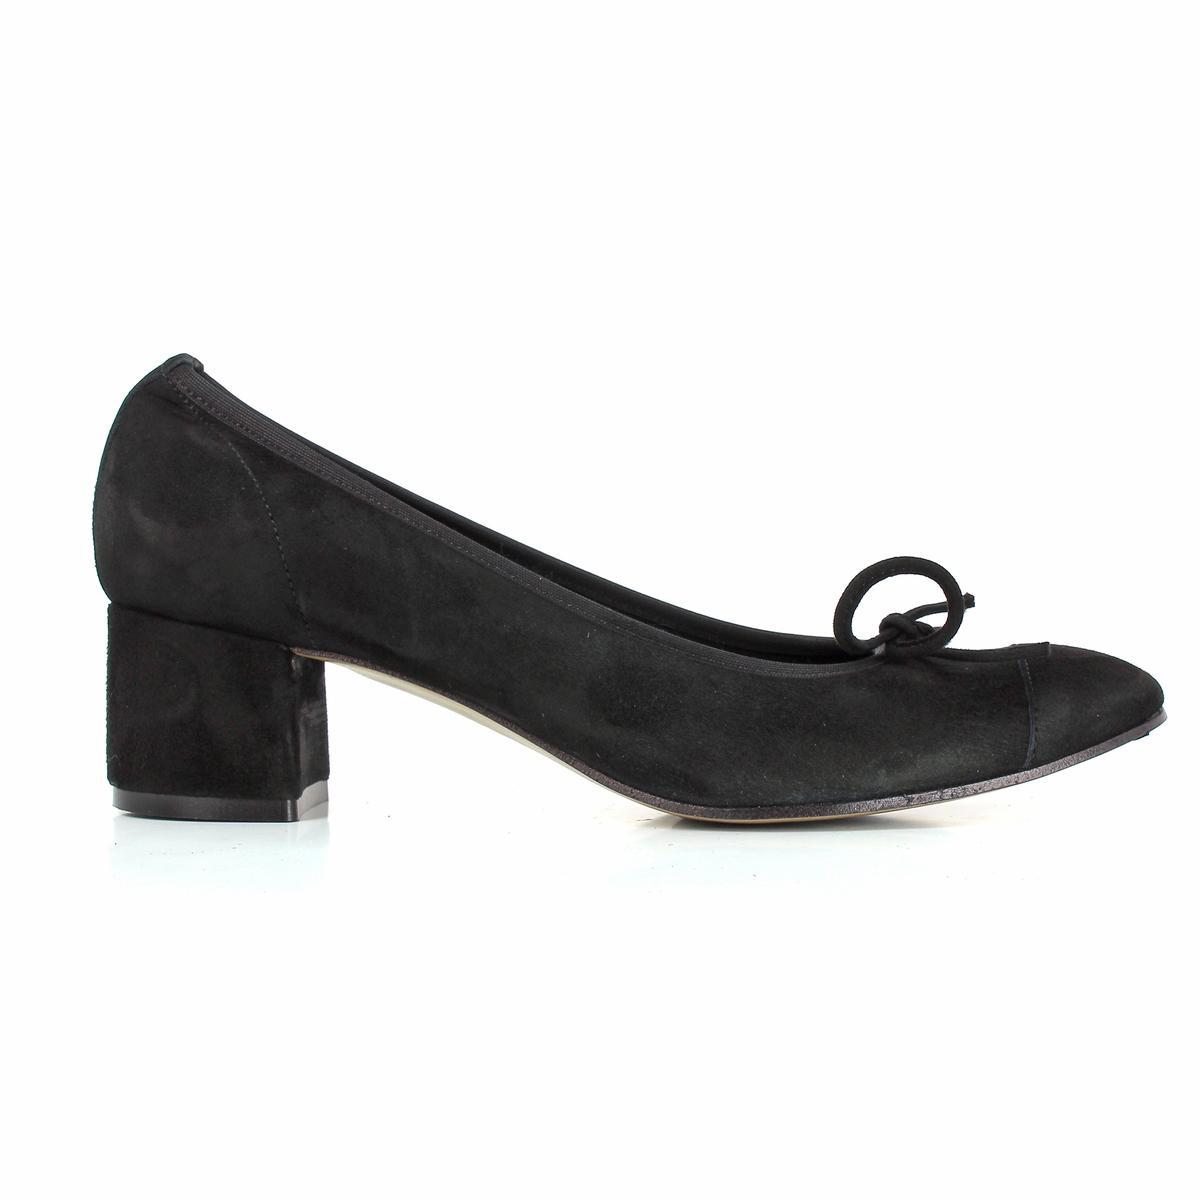 Туфли велюровые на каблуке,  DICOПодкладка: Кожа и текстиль.Стелька: Кожа. Подошва: Синтетический материал.     Высота каблука: 4,5 см.   Форма каблука: широкая.   Мысок: круглый.          Застежка: Без застежки.<br><br>Цвет: черный<br>Размер: 40